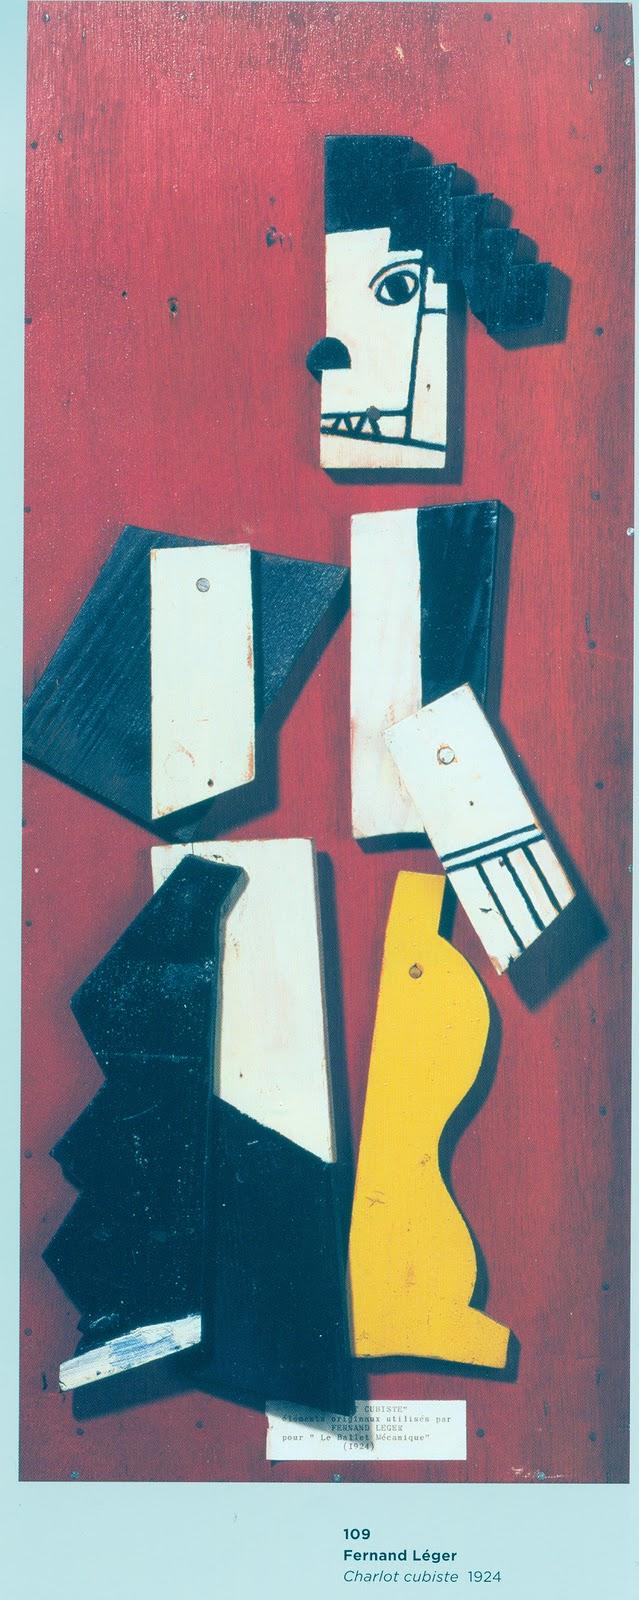 Dada, Ballet mécanique, Fernand Léger | garrus art: garrusart.blogspot.com/2009/12/ballet-mecanique.html#!